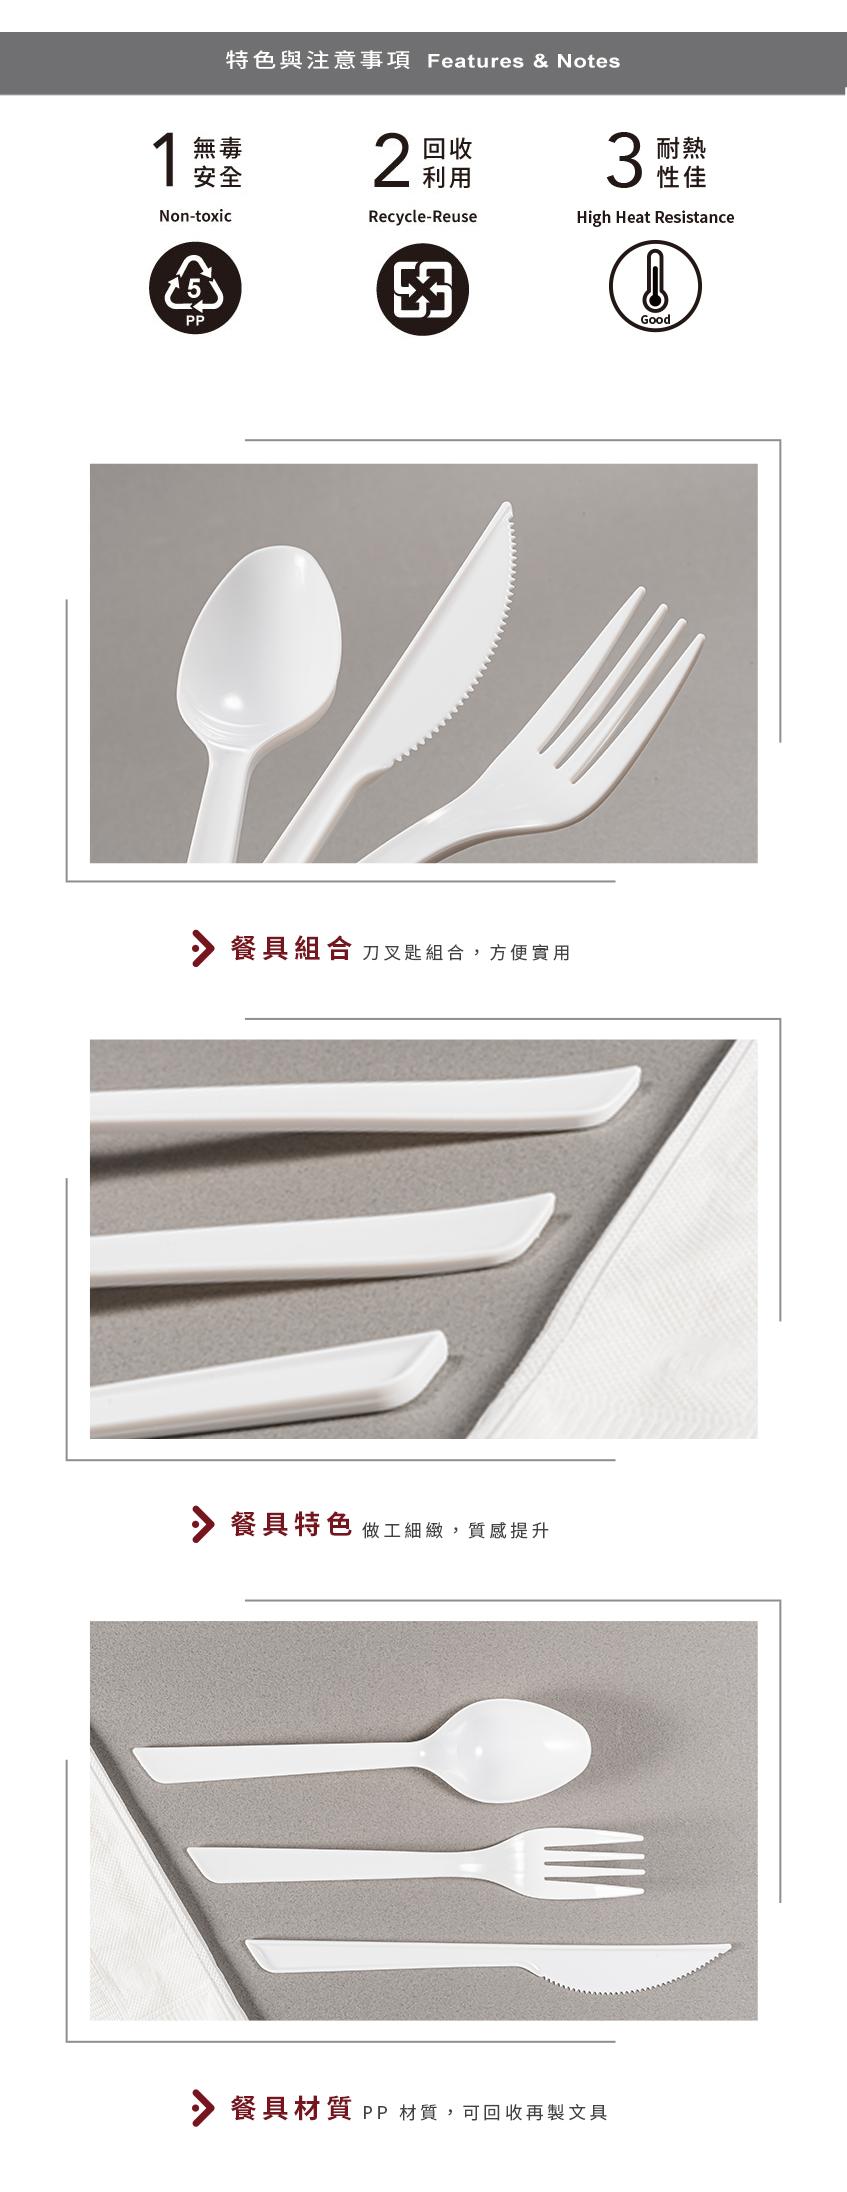 叉子 刀子 湯匙 餐巾紙 四合一餐具組 PP匙 PP刀 PP叉 免洗餐具組 外帶餐具組 外出 外送 耐熱 拋棄式餐具 一次性餐具